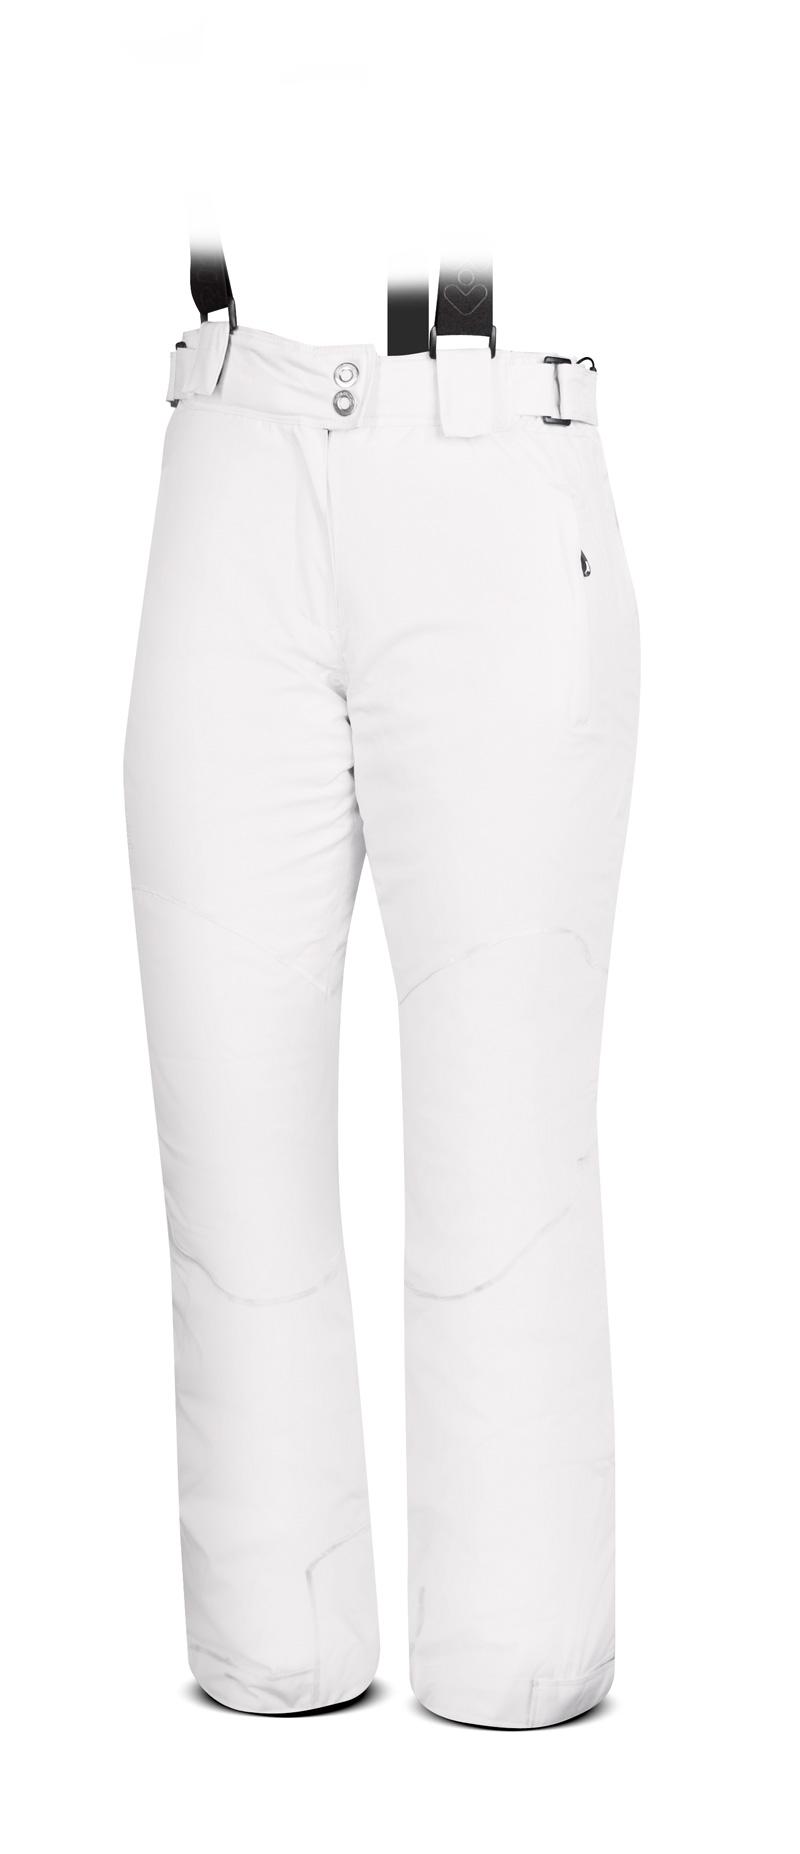 3b98a0dff8 dámske lyžiarské nohavice TRIMM Narrow lady biele - BERG SPORT